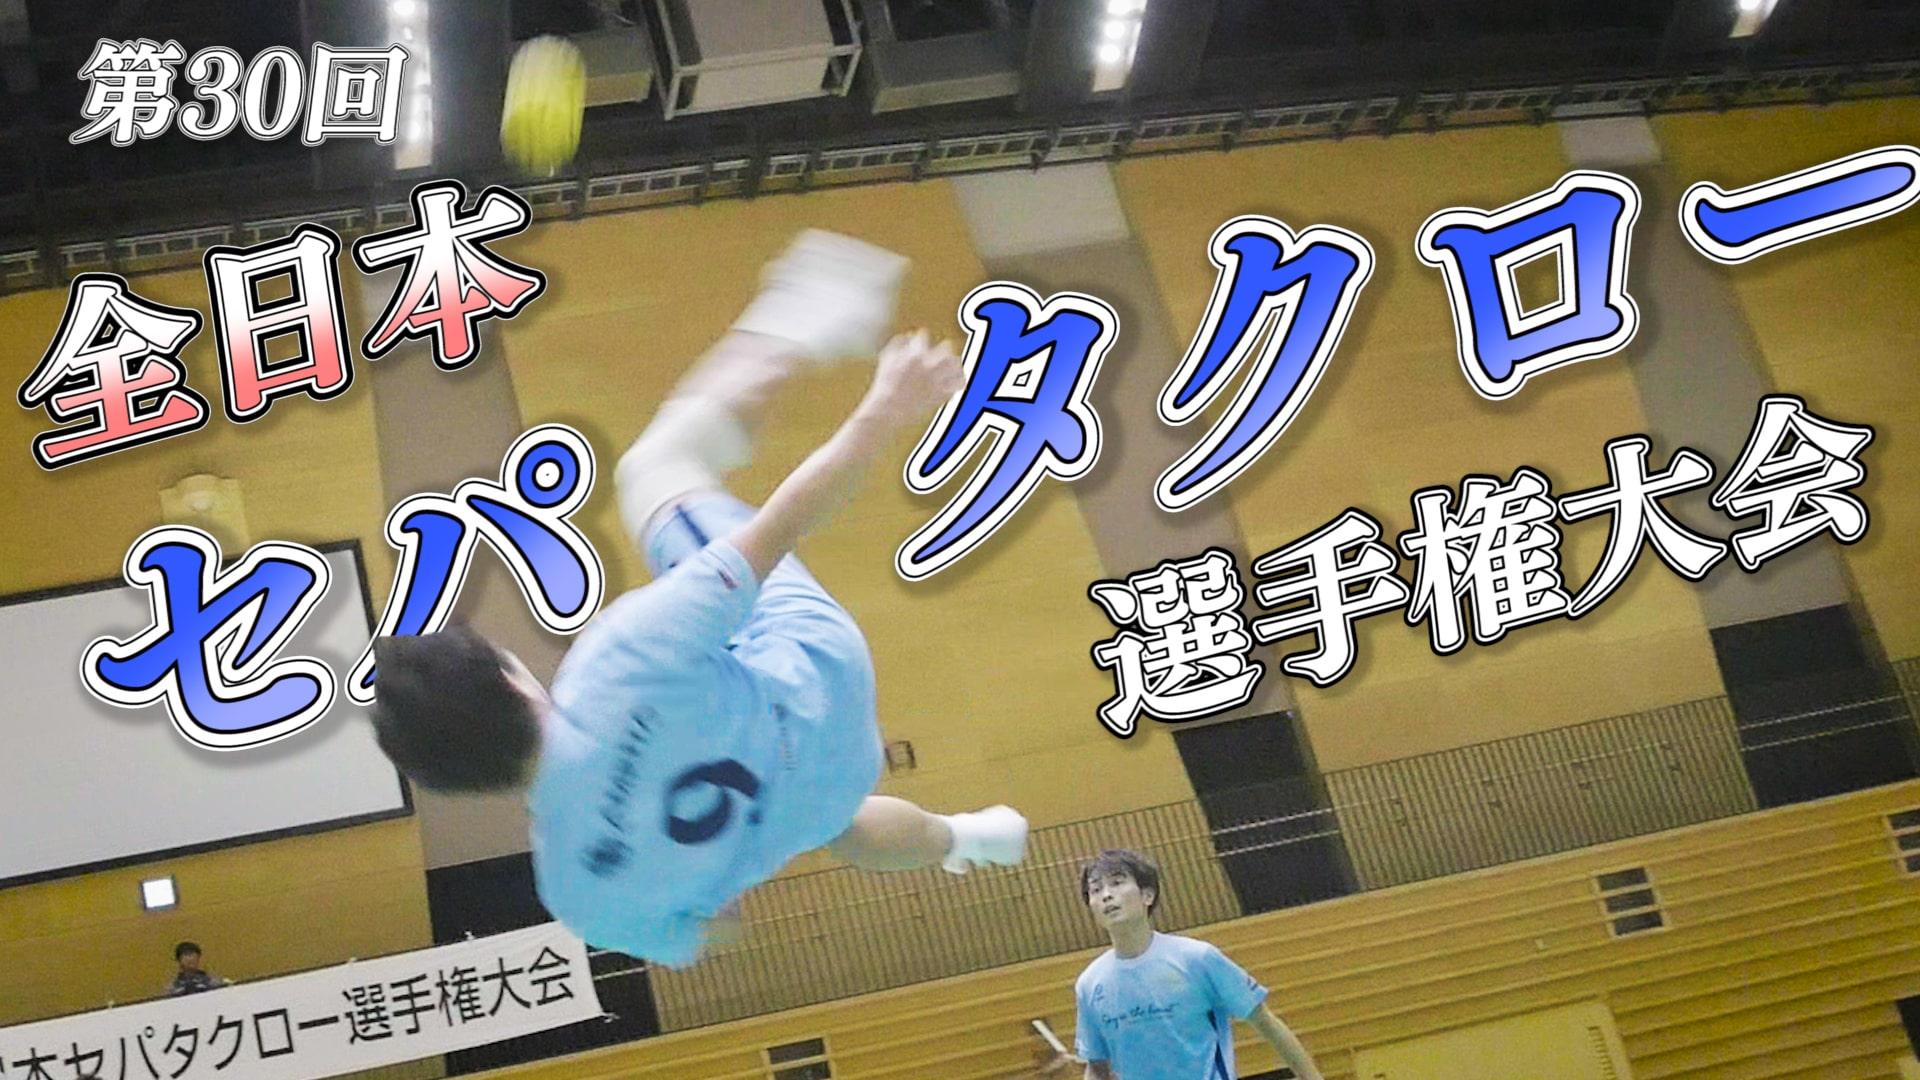 【動画あり】第30回全日本セパタクロー選手権を観戦&撮影しました